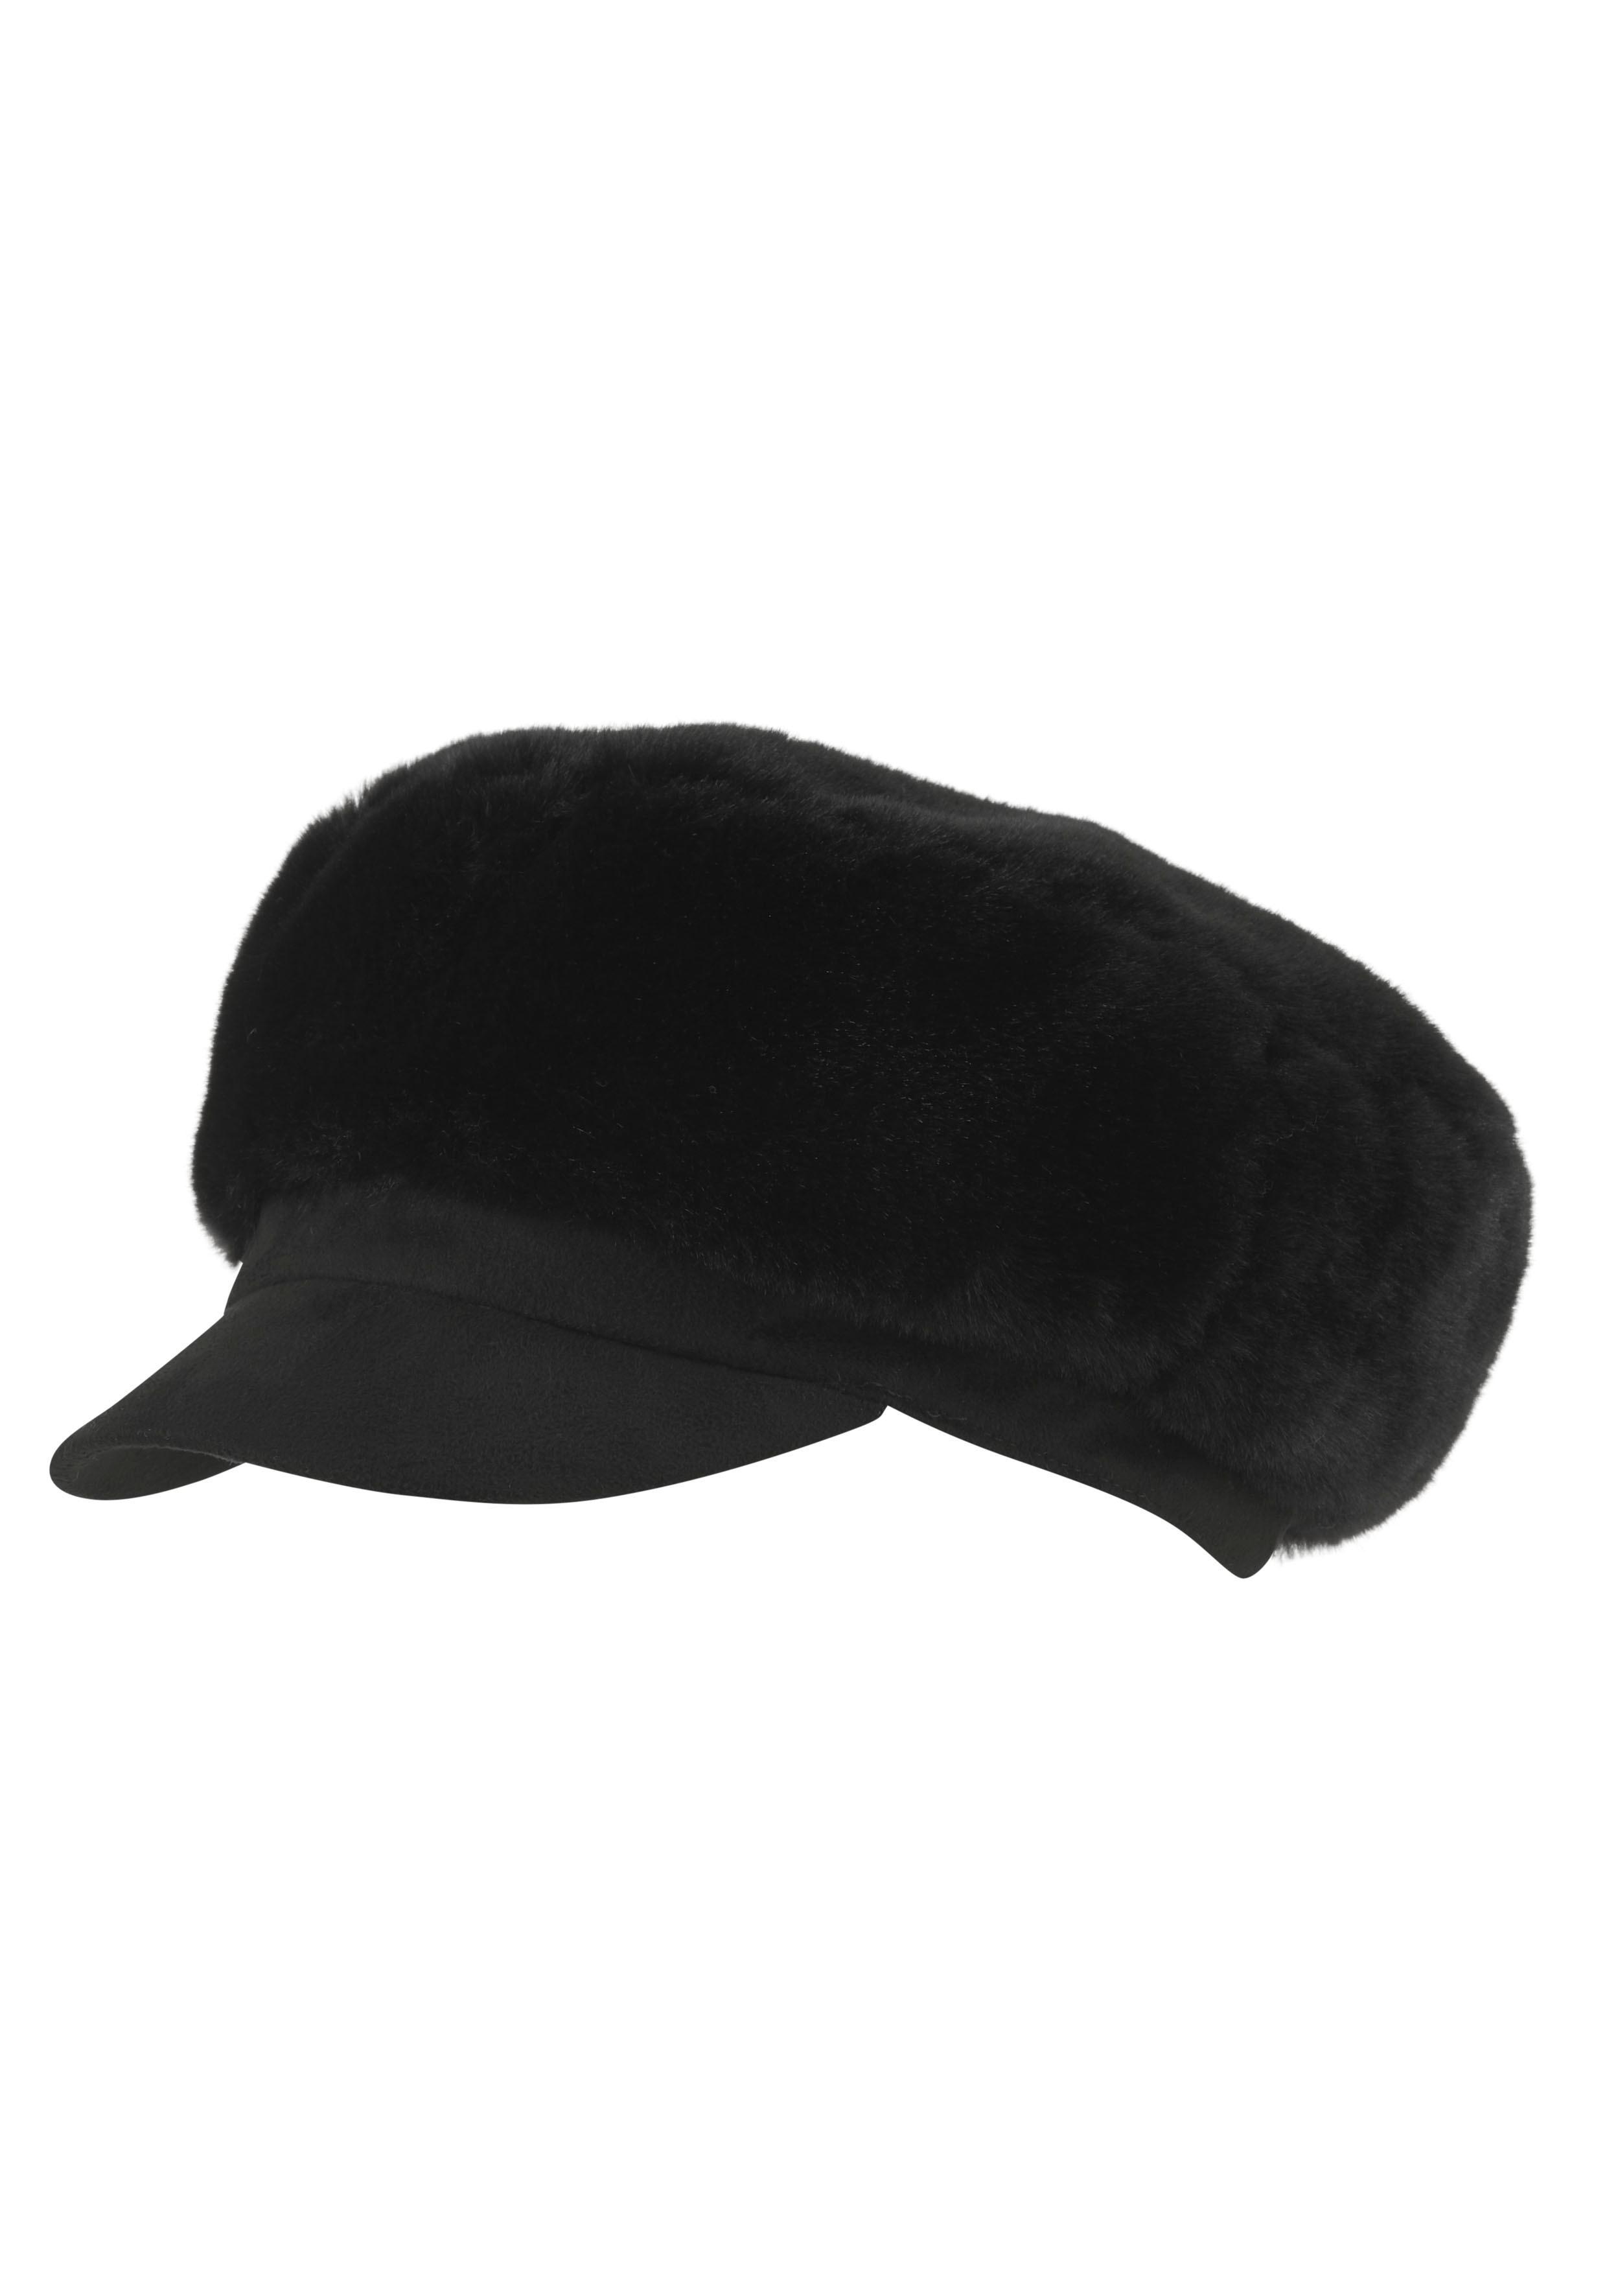 Seeberger Schirmmütze, Mit weichem Kunstfellbesatzt schwarz Damen Schirmmütze